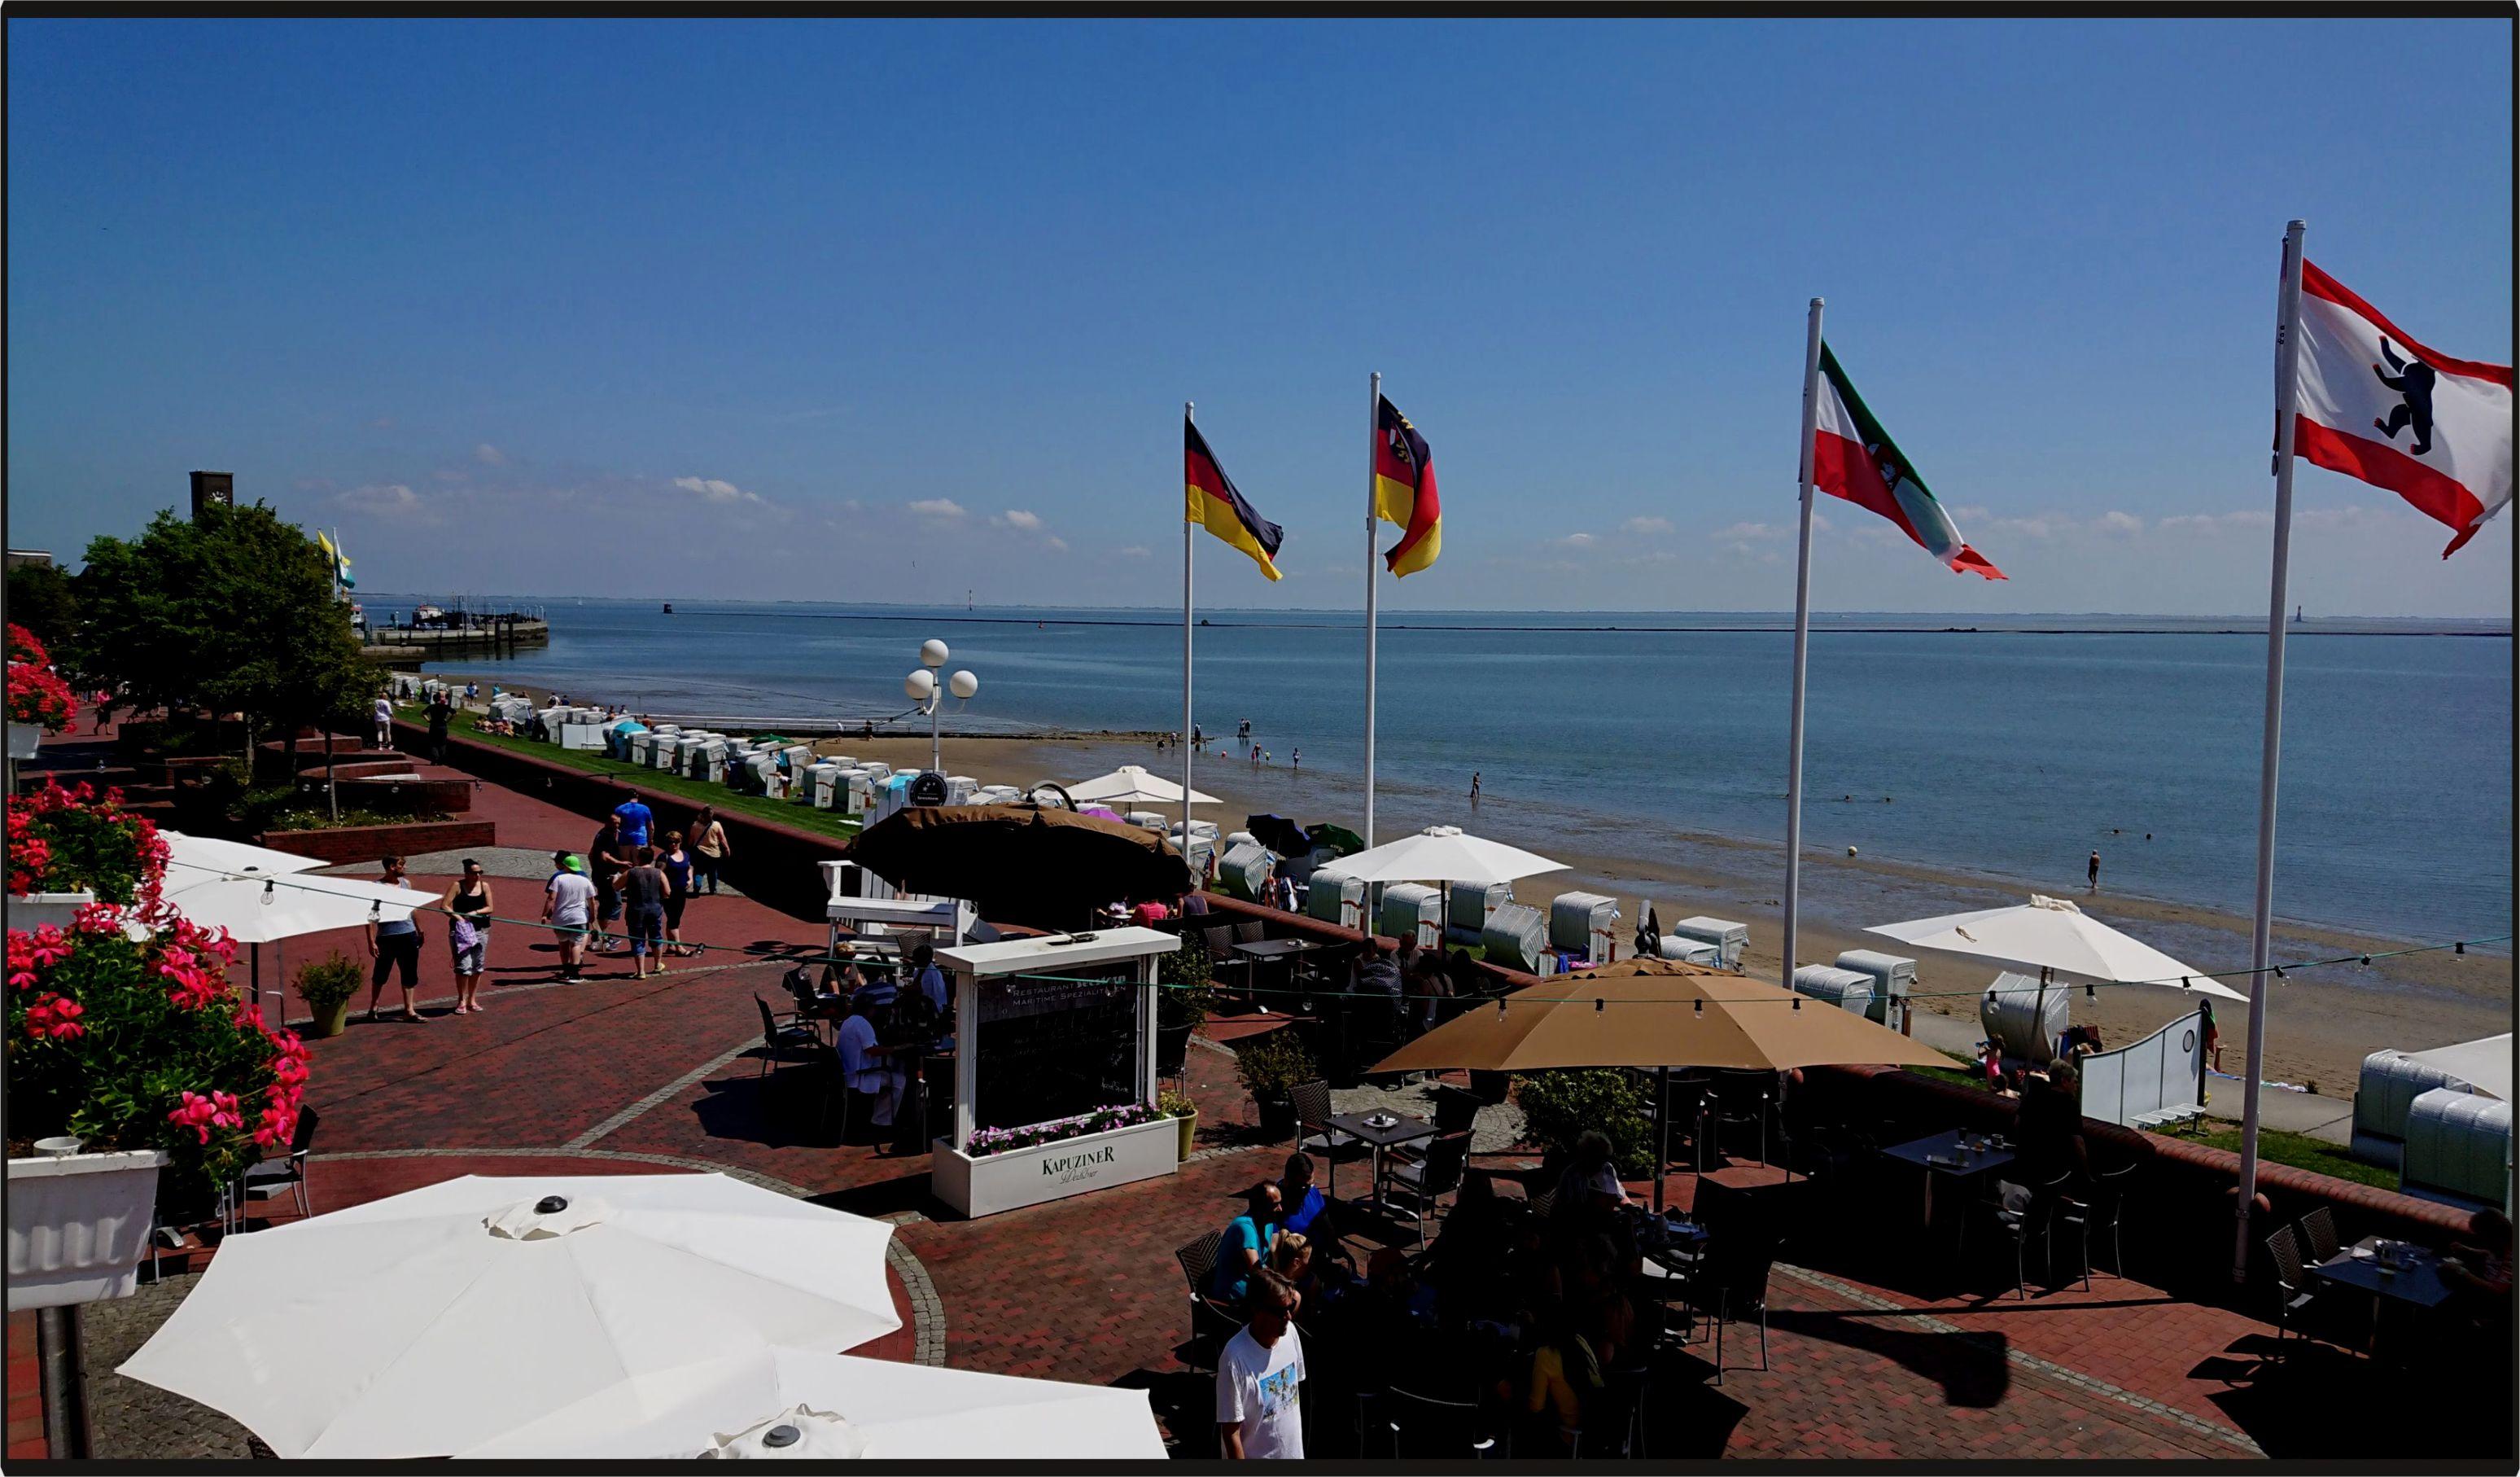 Strandhotels Seestern-Delphin & Lachs